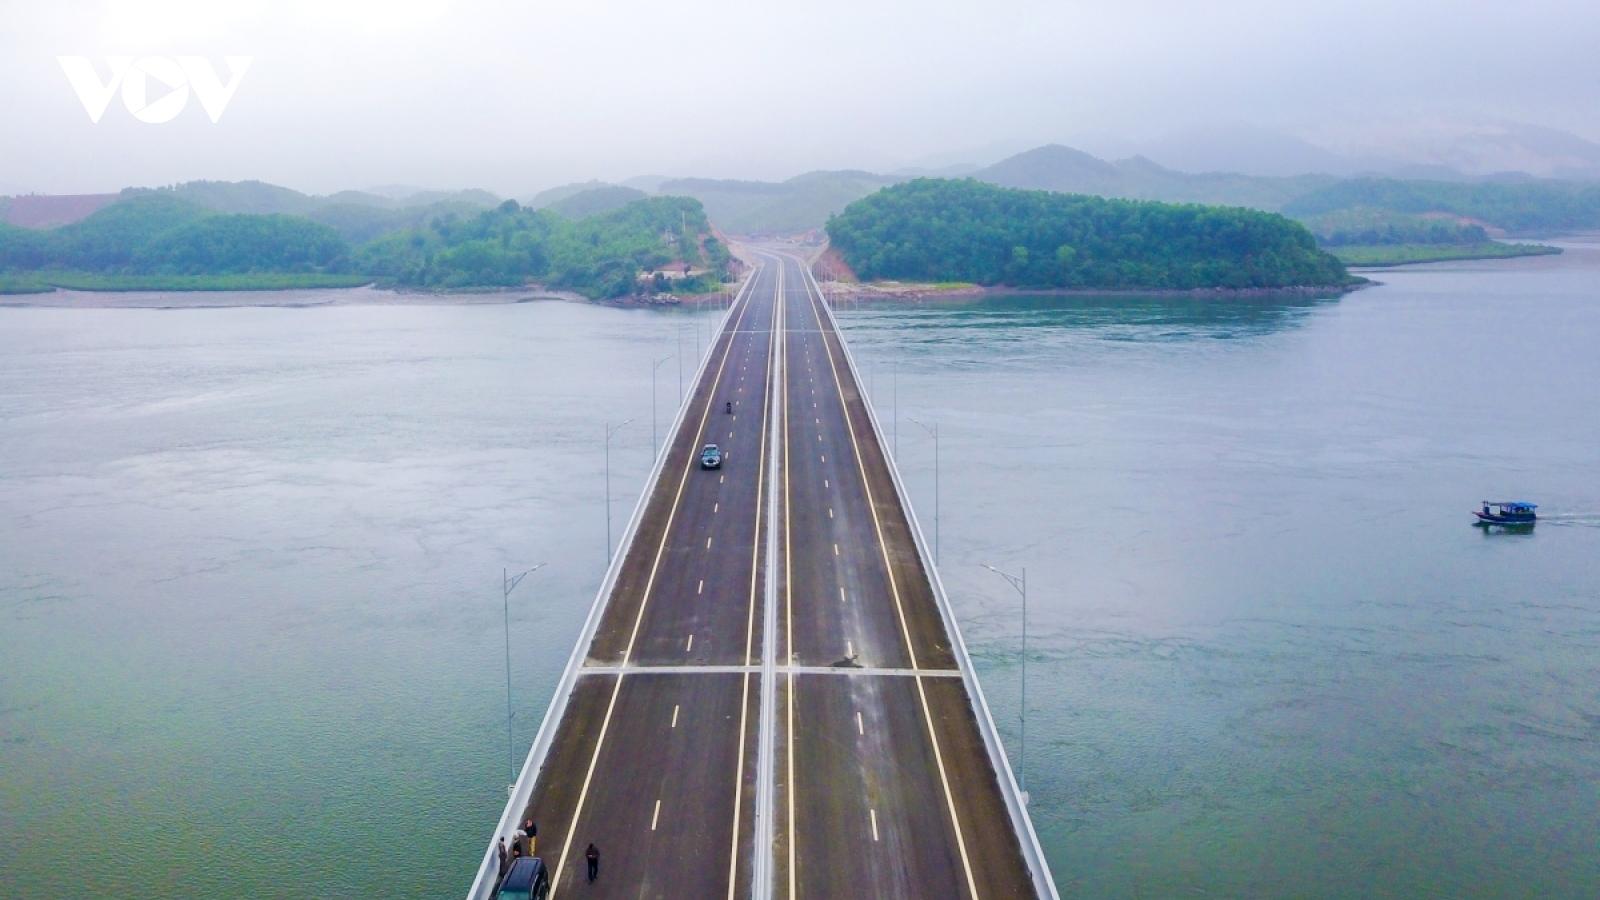 Tuyến cao tốc dài nhất cả nước đang dần thành hình